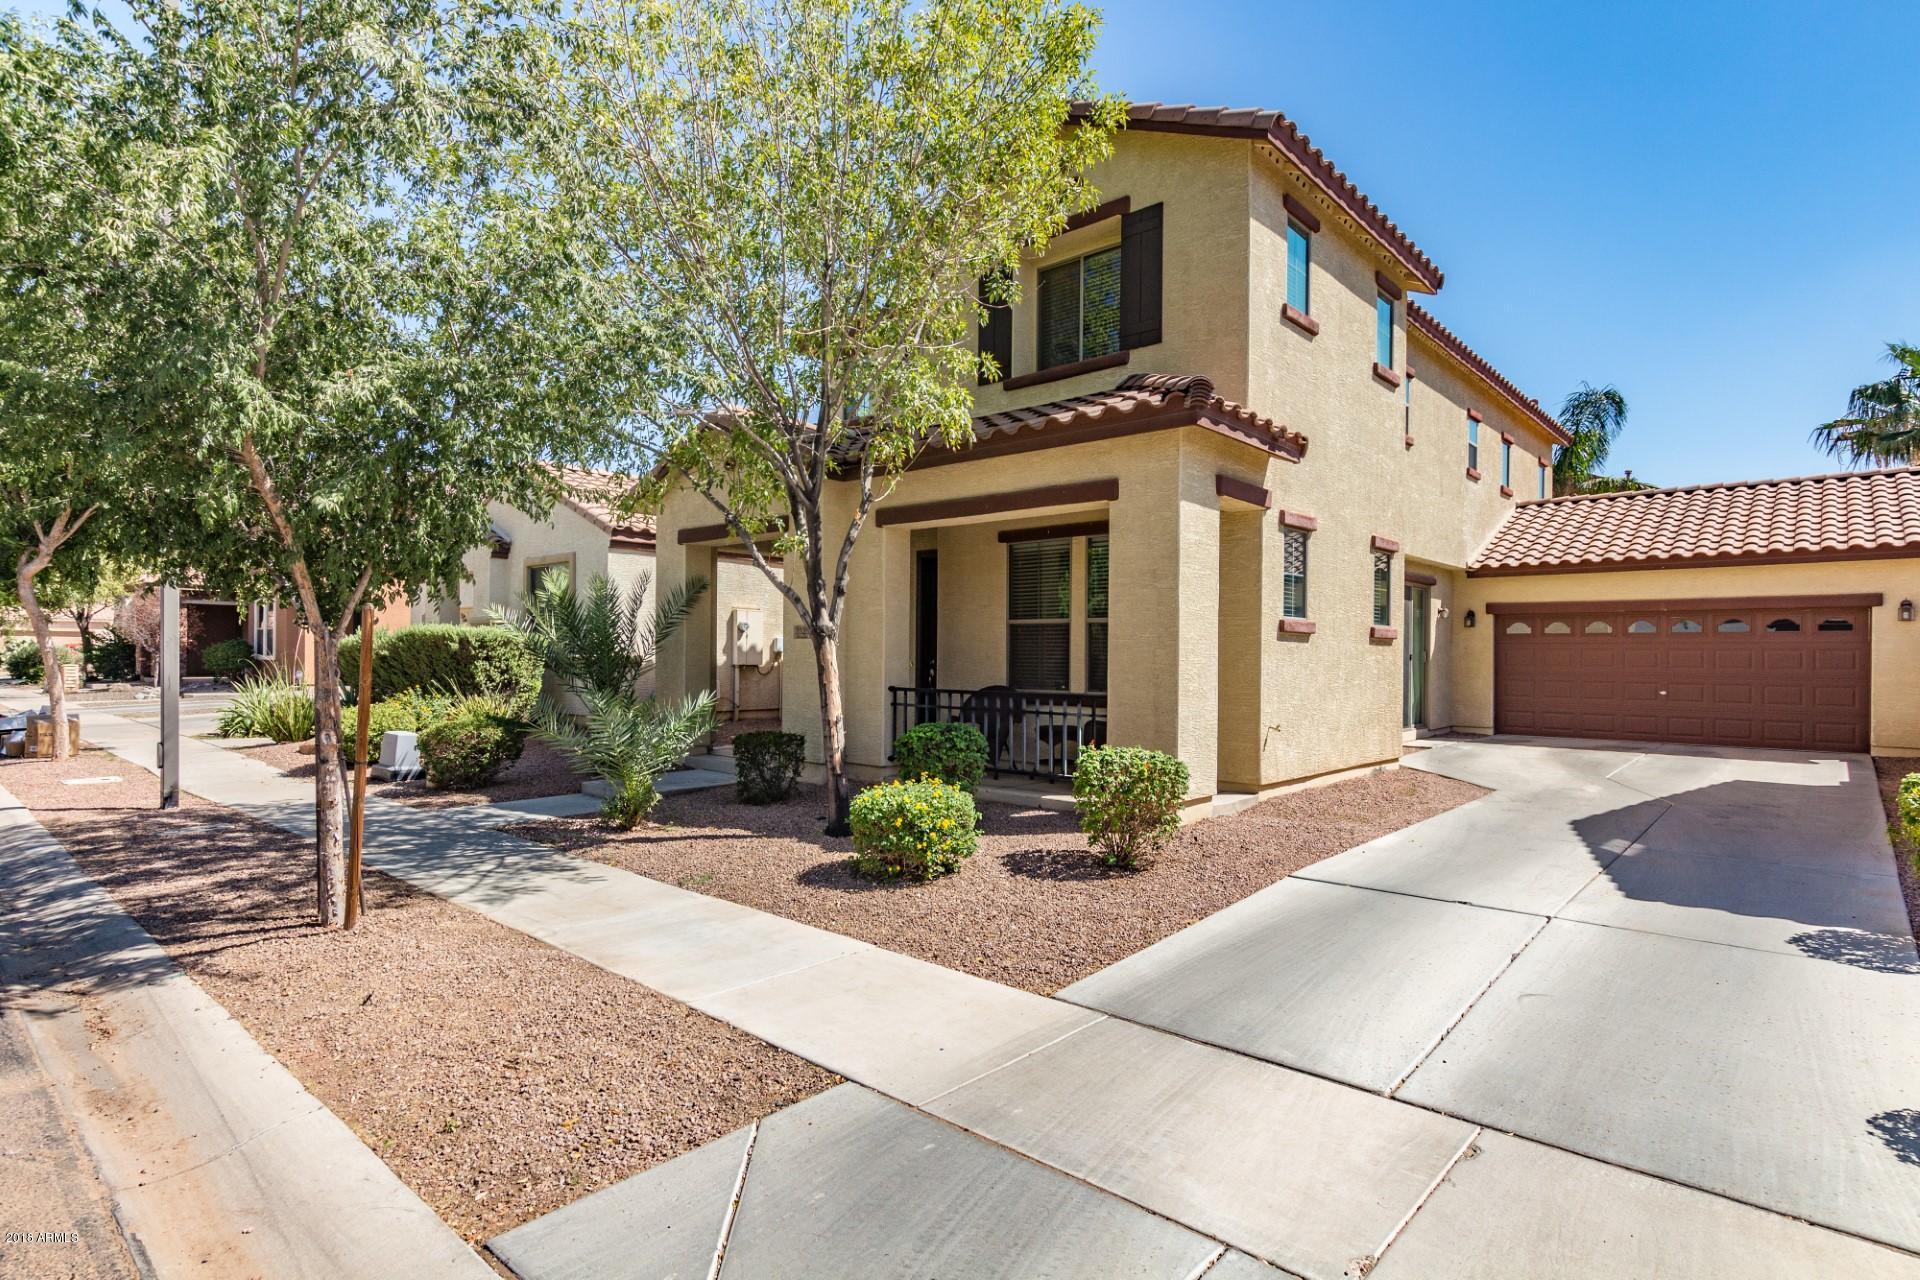 MLS 5819097 3325 E TULSA Street, Gilbert, AZ 85295 Gilbert AZ Lyons Gate